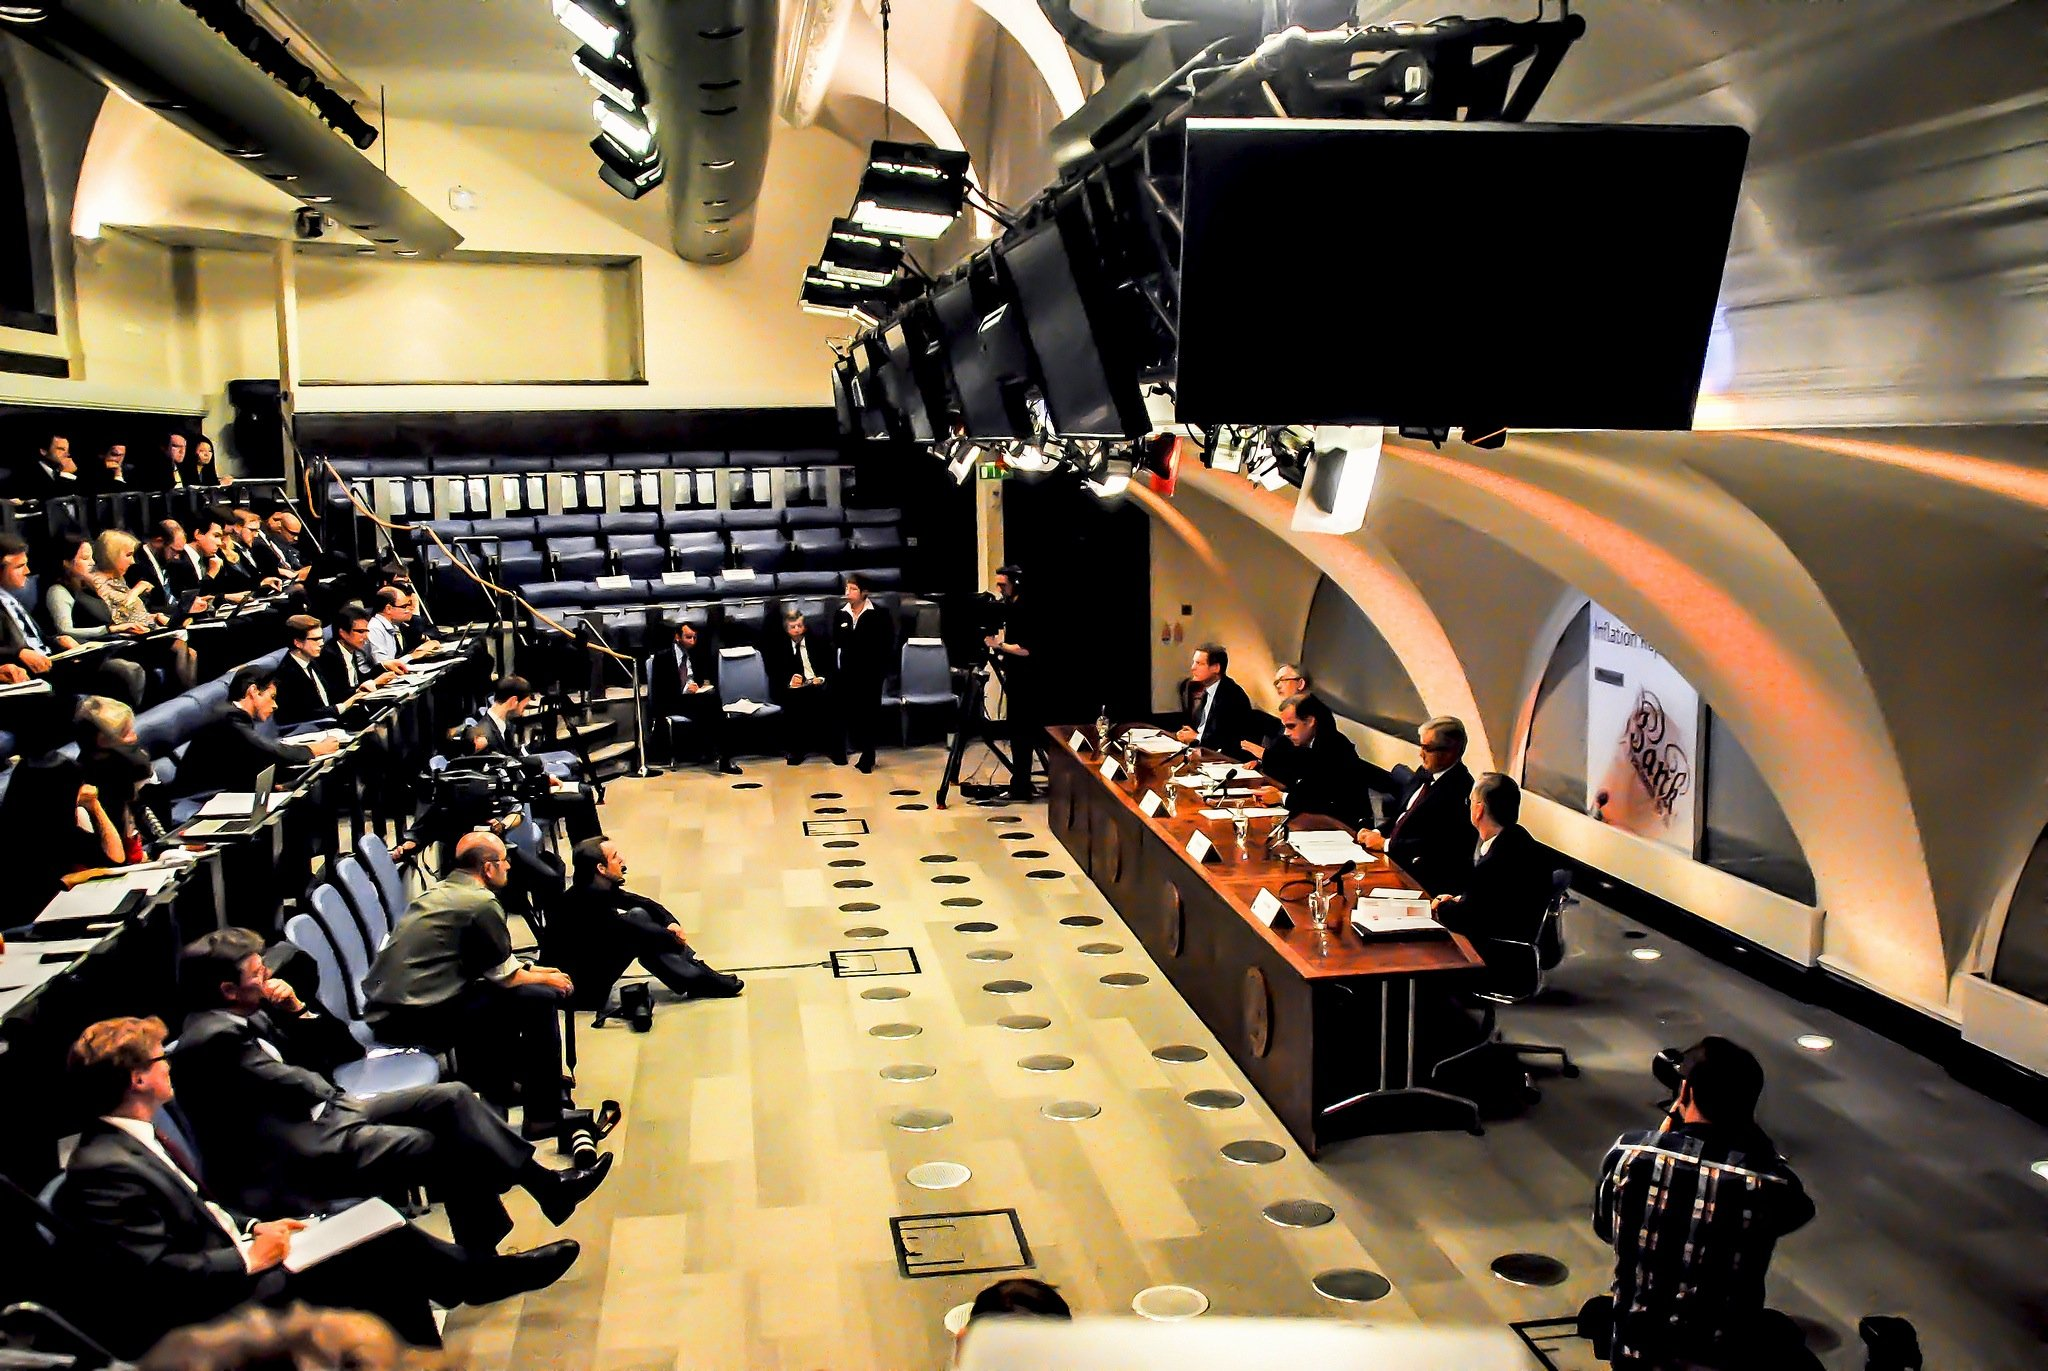 Pressekonferenz der Bank of England: Zehn Stunden lang ist das Zahlungssystem der Bank zusammengebrochen. Jetzt will die Bank die Ursache klären und spätestens am Donnerstag erste Ergebnisse mitteilen.